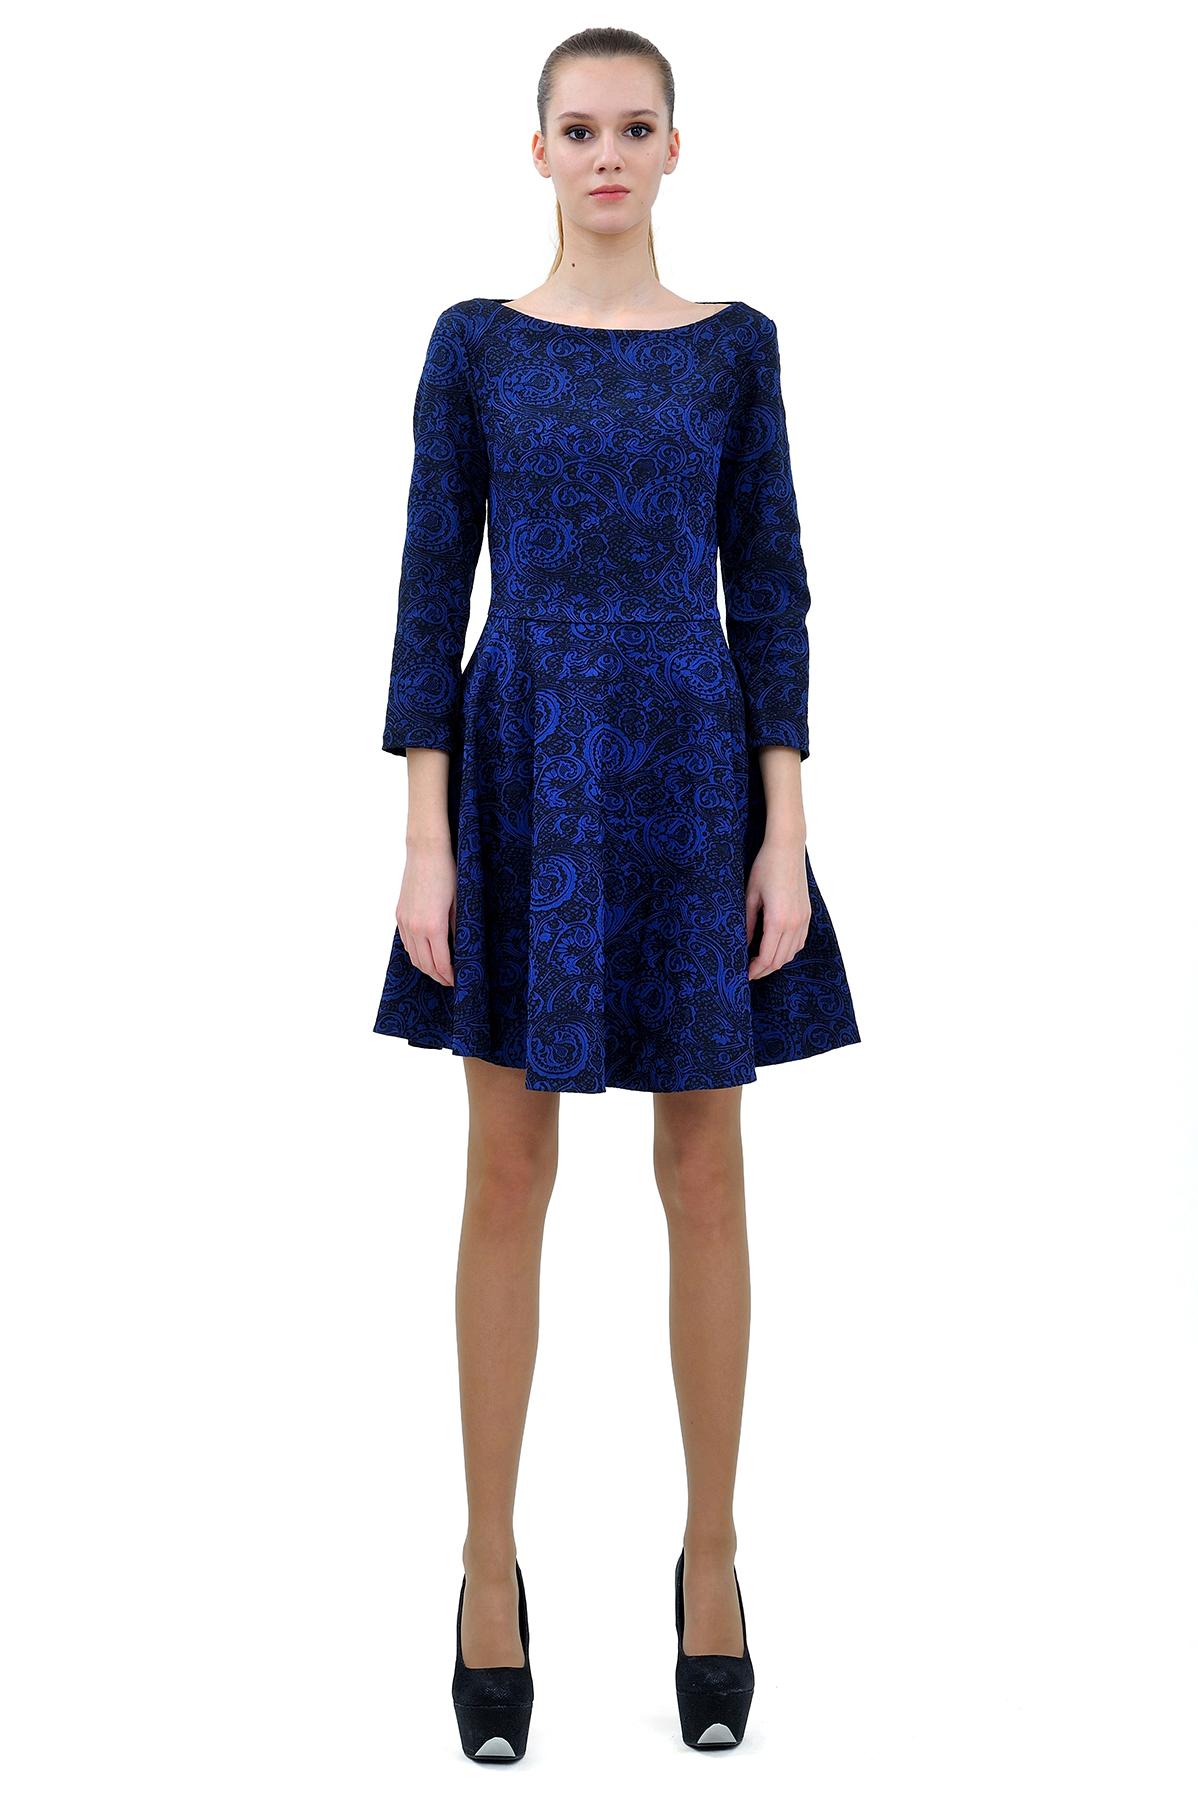 ПлатьеПлатья,  сарафаны<br>Привлекательное платье, выполненное из  жаккарда.  Изделие соблазнительной длины подчеркнет стройность и красоту Ваших ног.<br><br>Цвет: синий<br>Состав: хлопок 65%,полиэстер 30%,лайкра 5%<br>Размер: 40,44,46,48<br>Страна дизайна: Россия<br>Страна производства: Россия